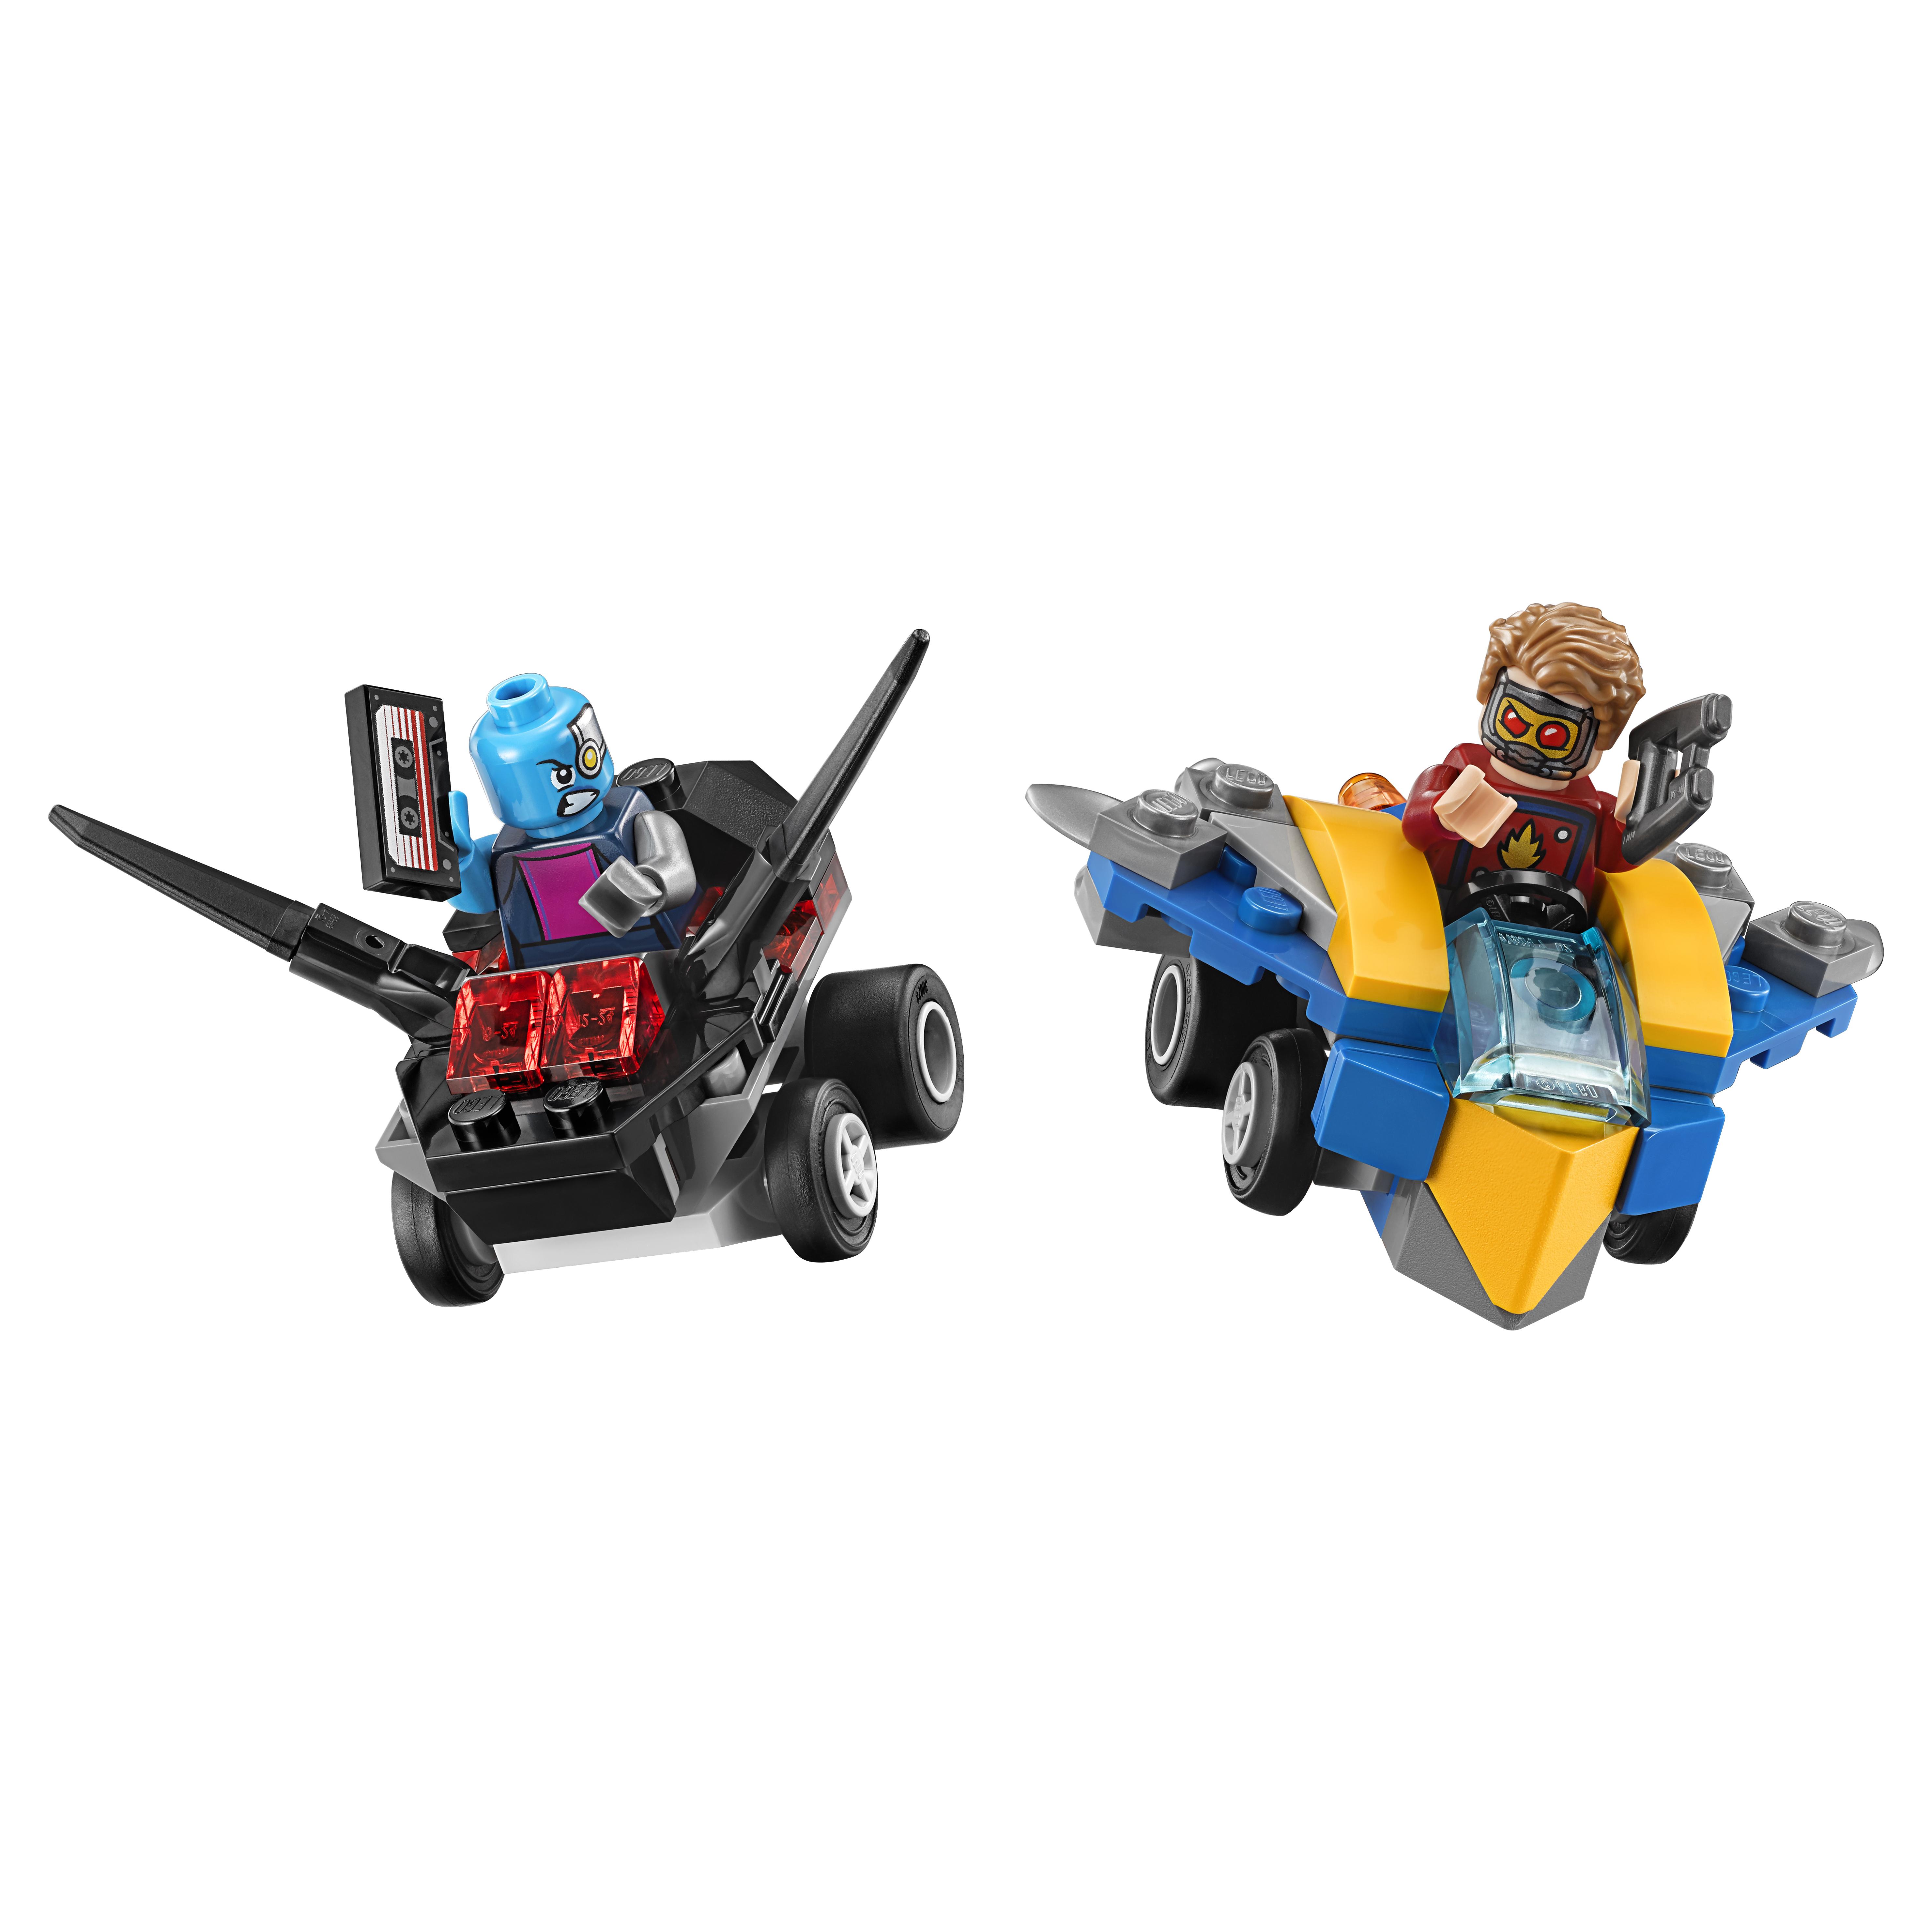 Купить Конструктор lego super heroes mighty micros звёздный лорд против небулы (76090), Конструктор LEGO Super Heroes Mighty Micros Звёздный Лорд против Небулы (76090)